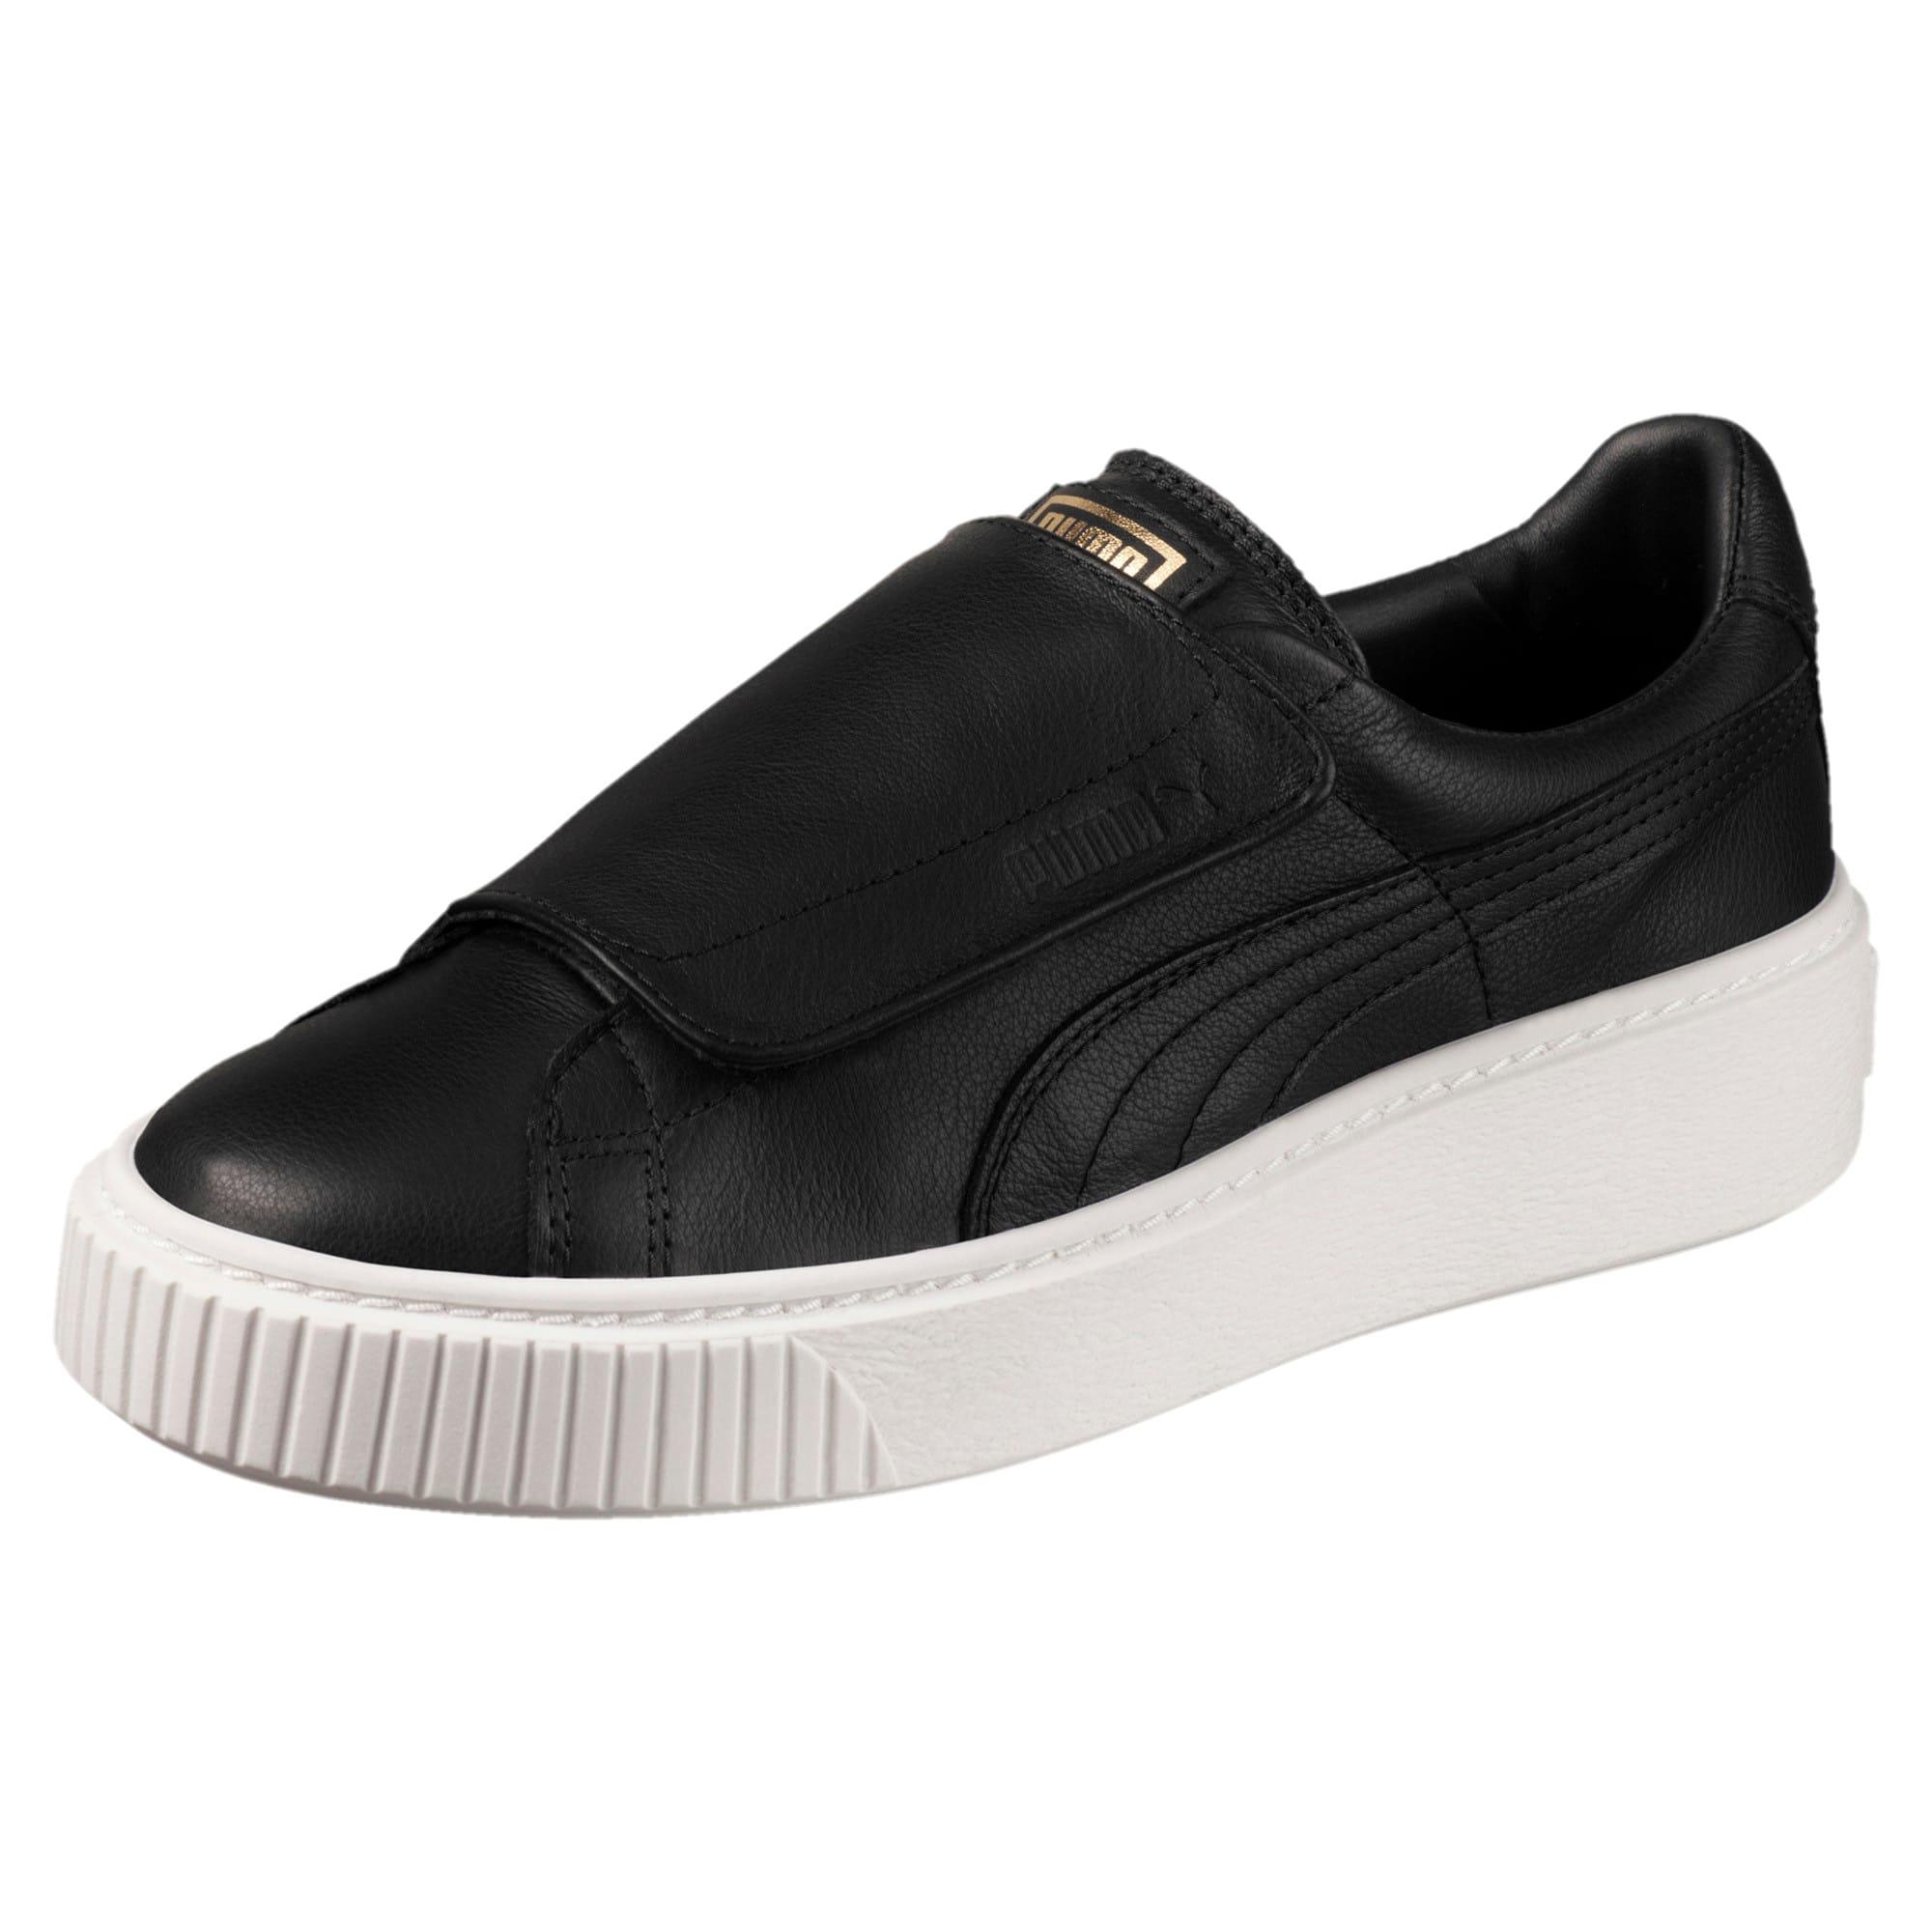 Puma scarpe da ginnastica da donna con pelle scamosciata e